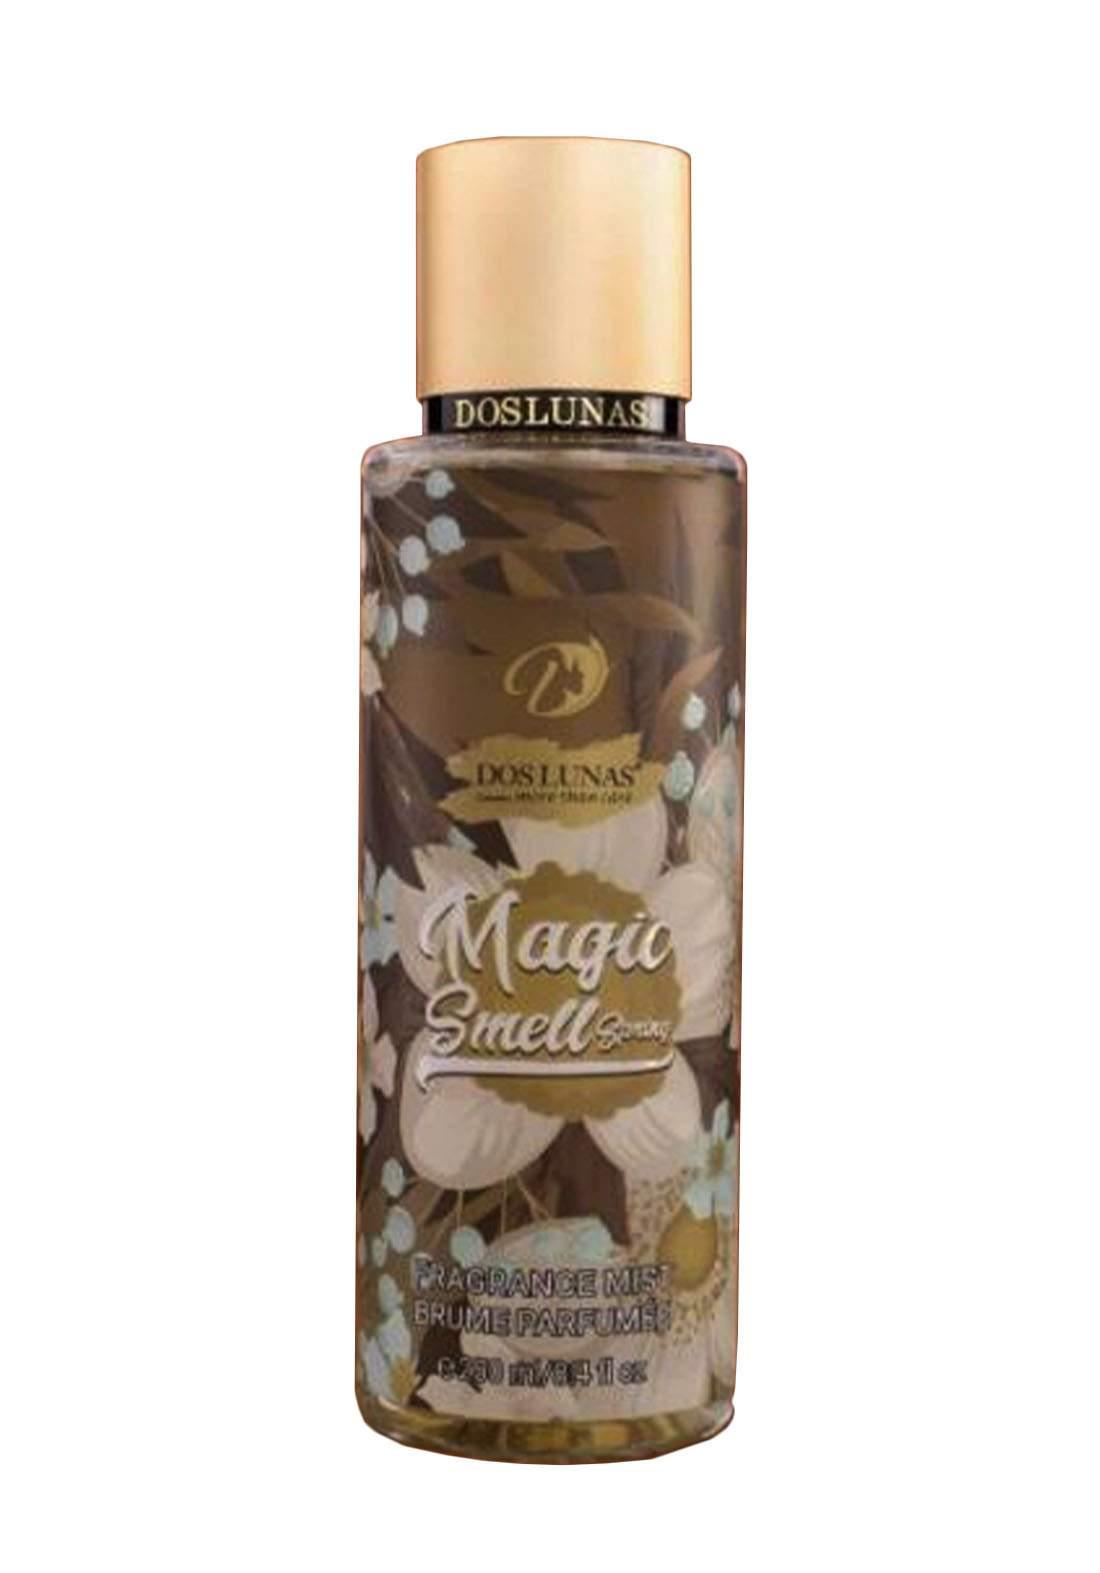 Dos Lunas Magic Smell Fragrance Mist سبلاش معطر